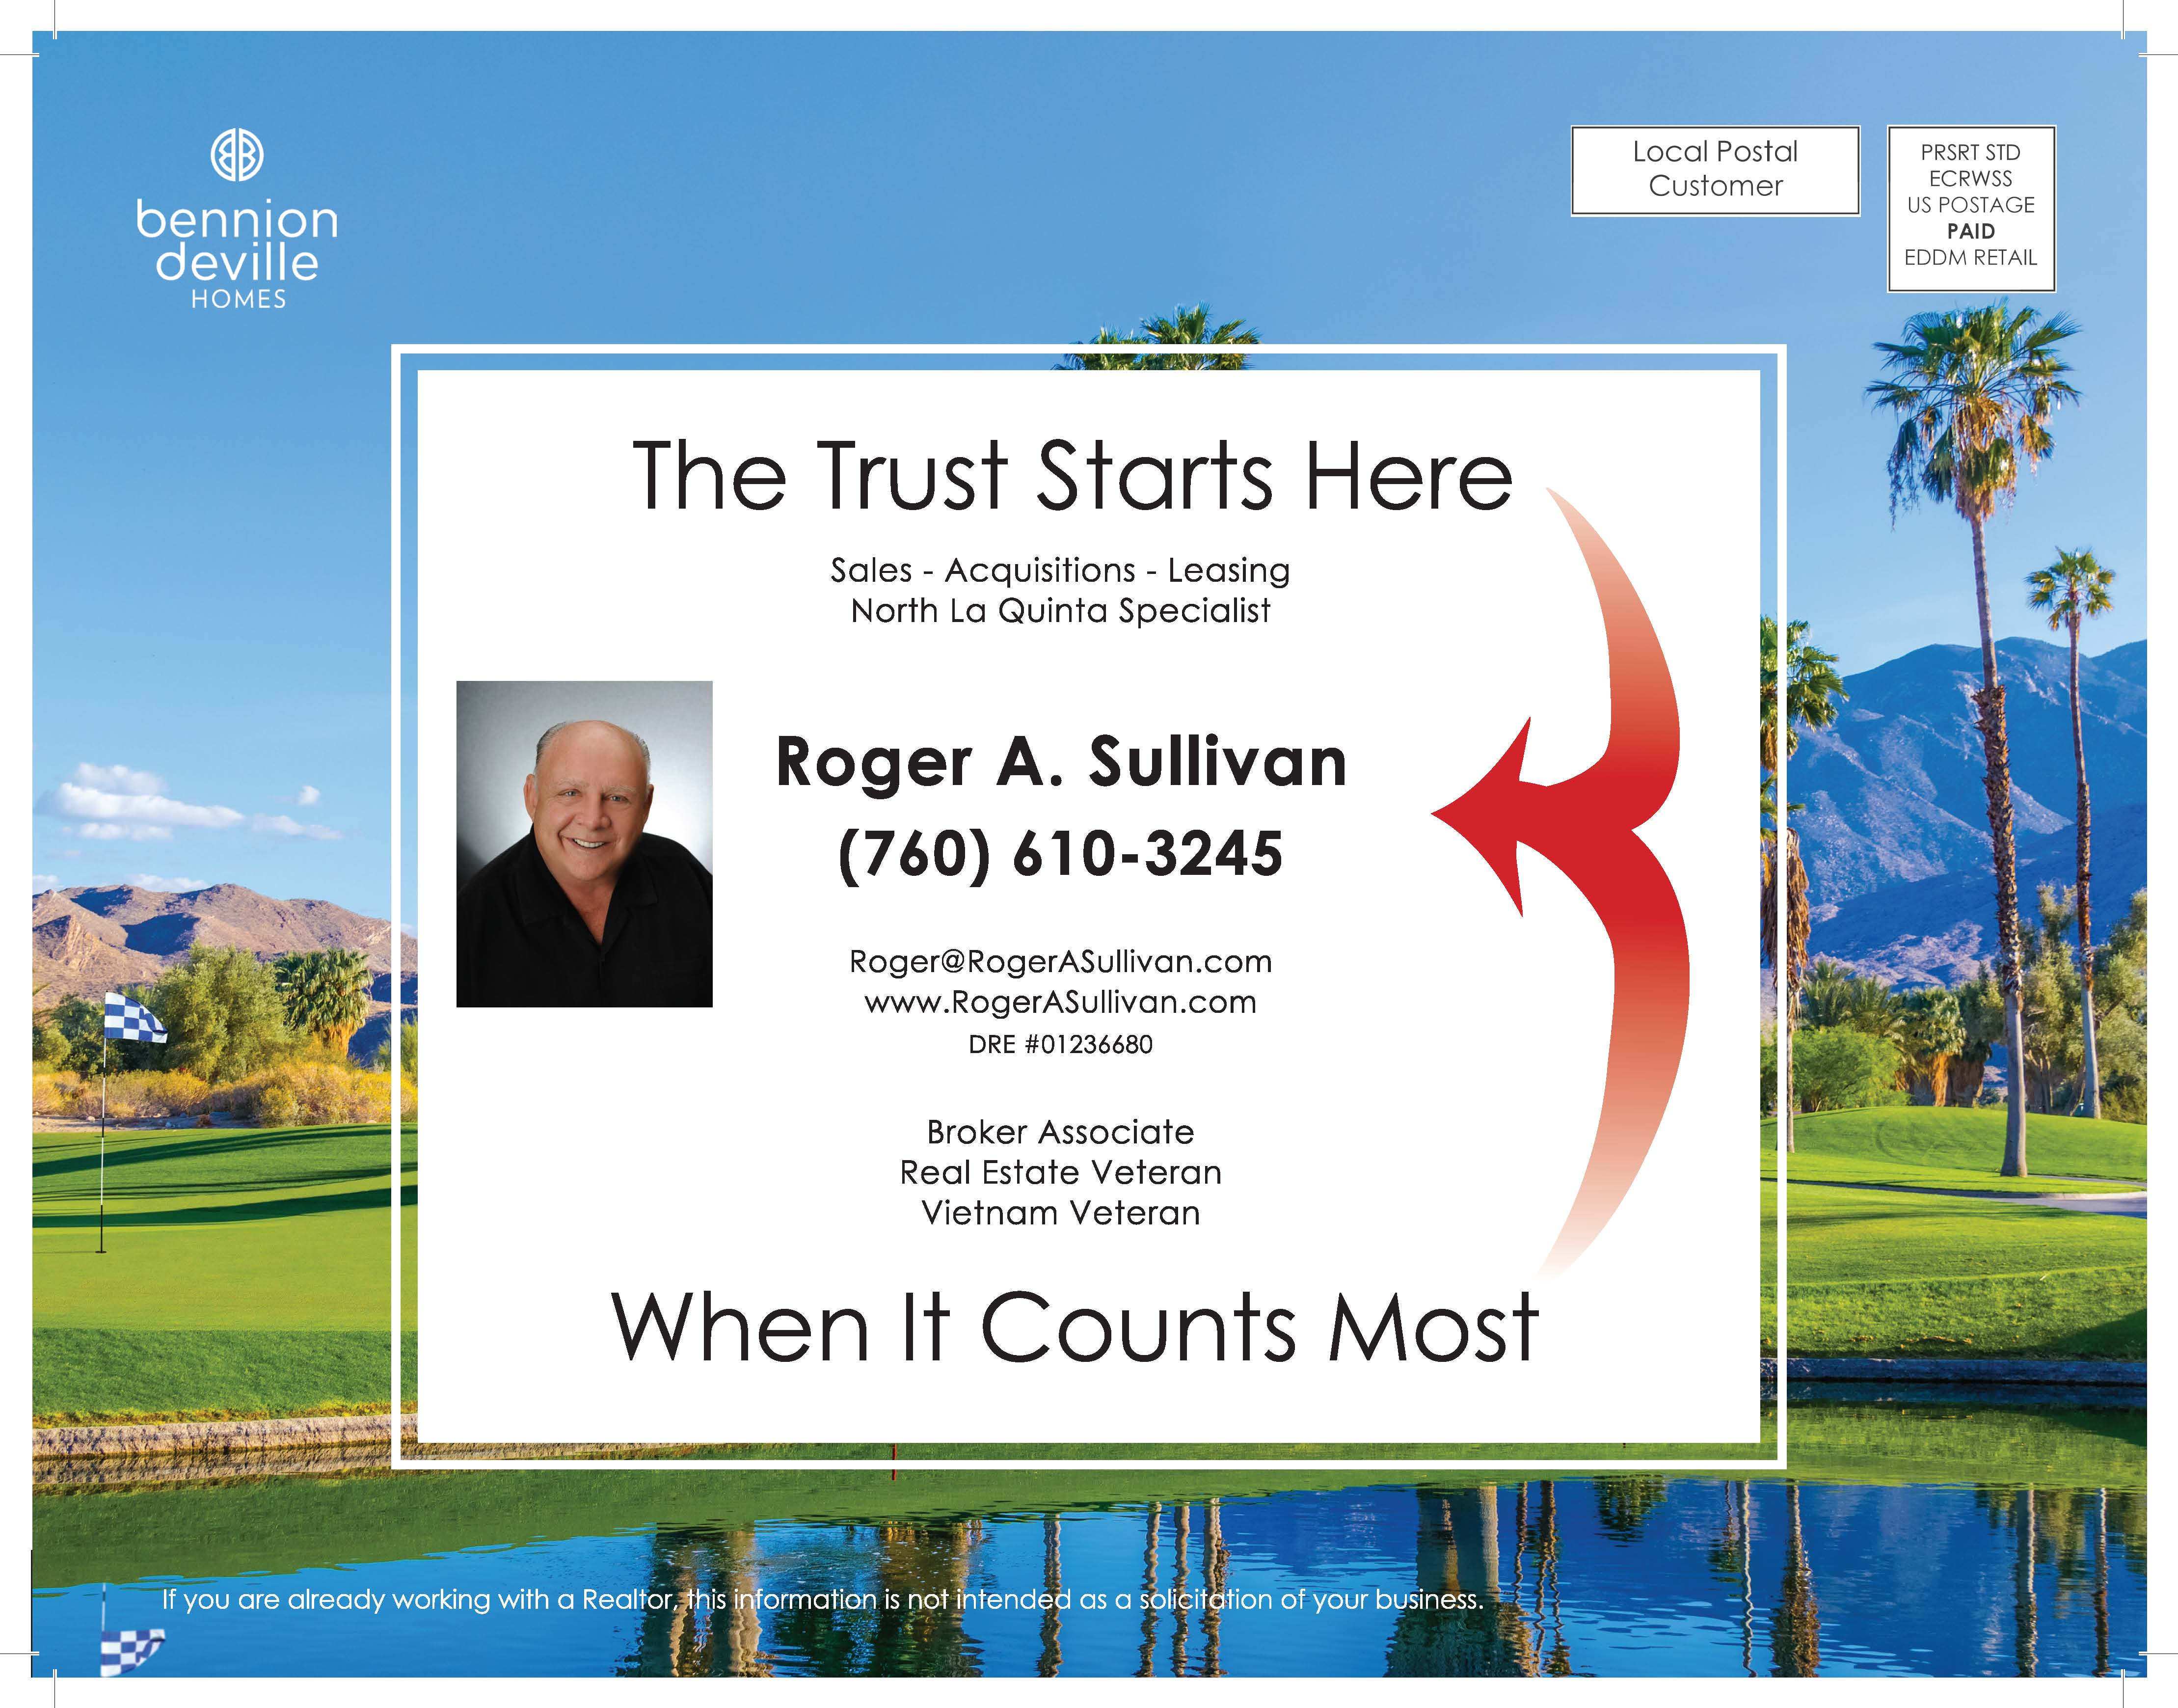 Roger Sullivan - Realtor